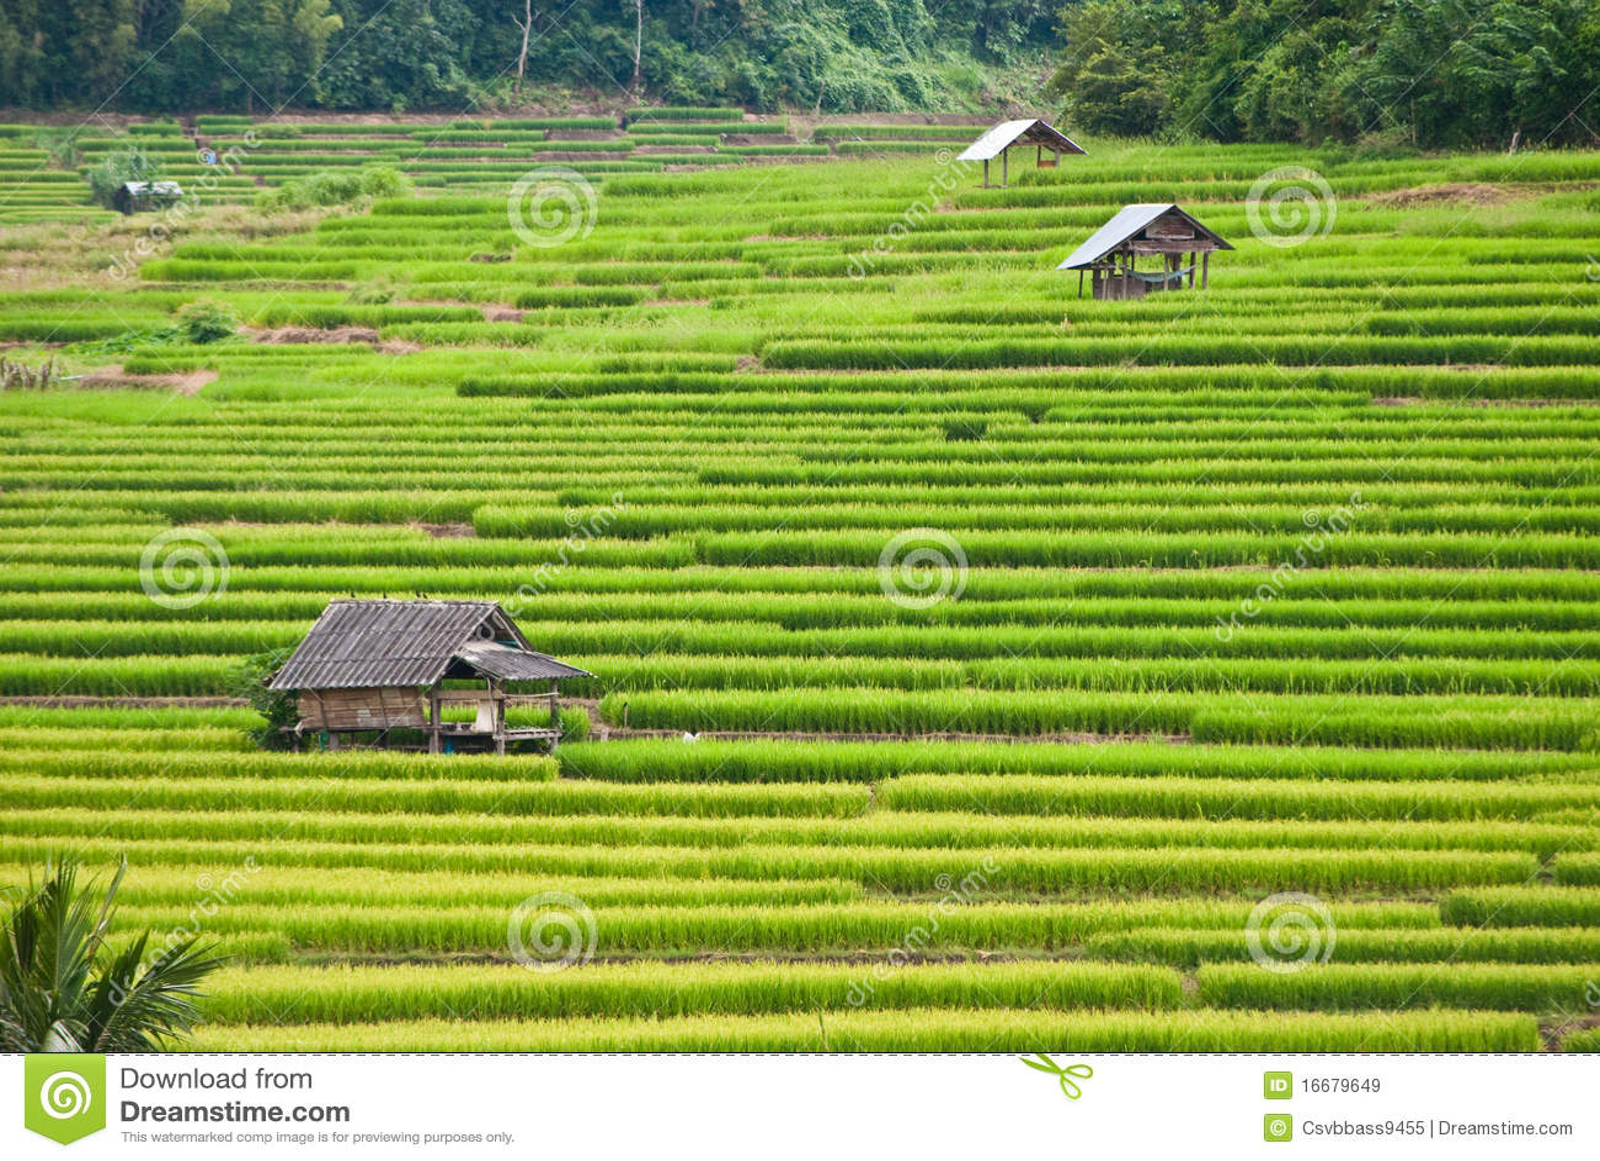 De terrassen van de rijst mea chame thailand royalty vrije stock afbeeldingen afbeelding - Afbeeldingen van terrassen verwachten ...